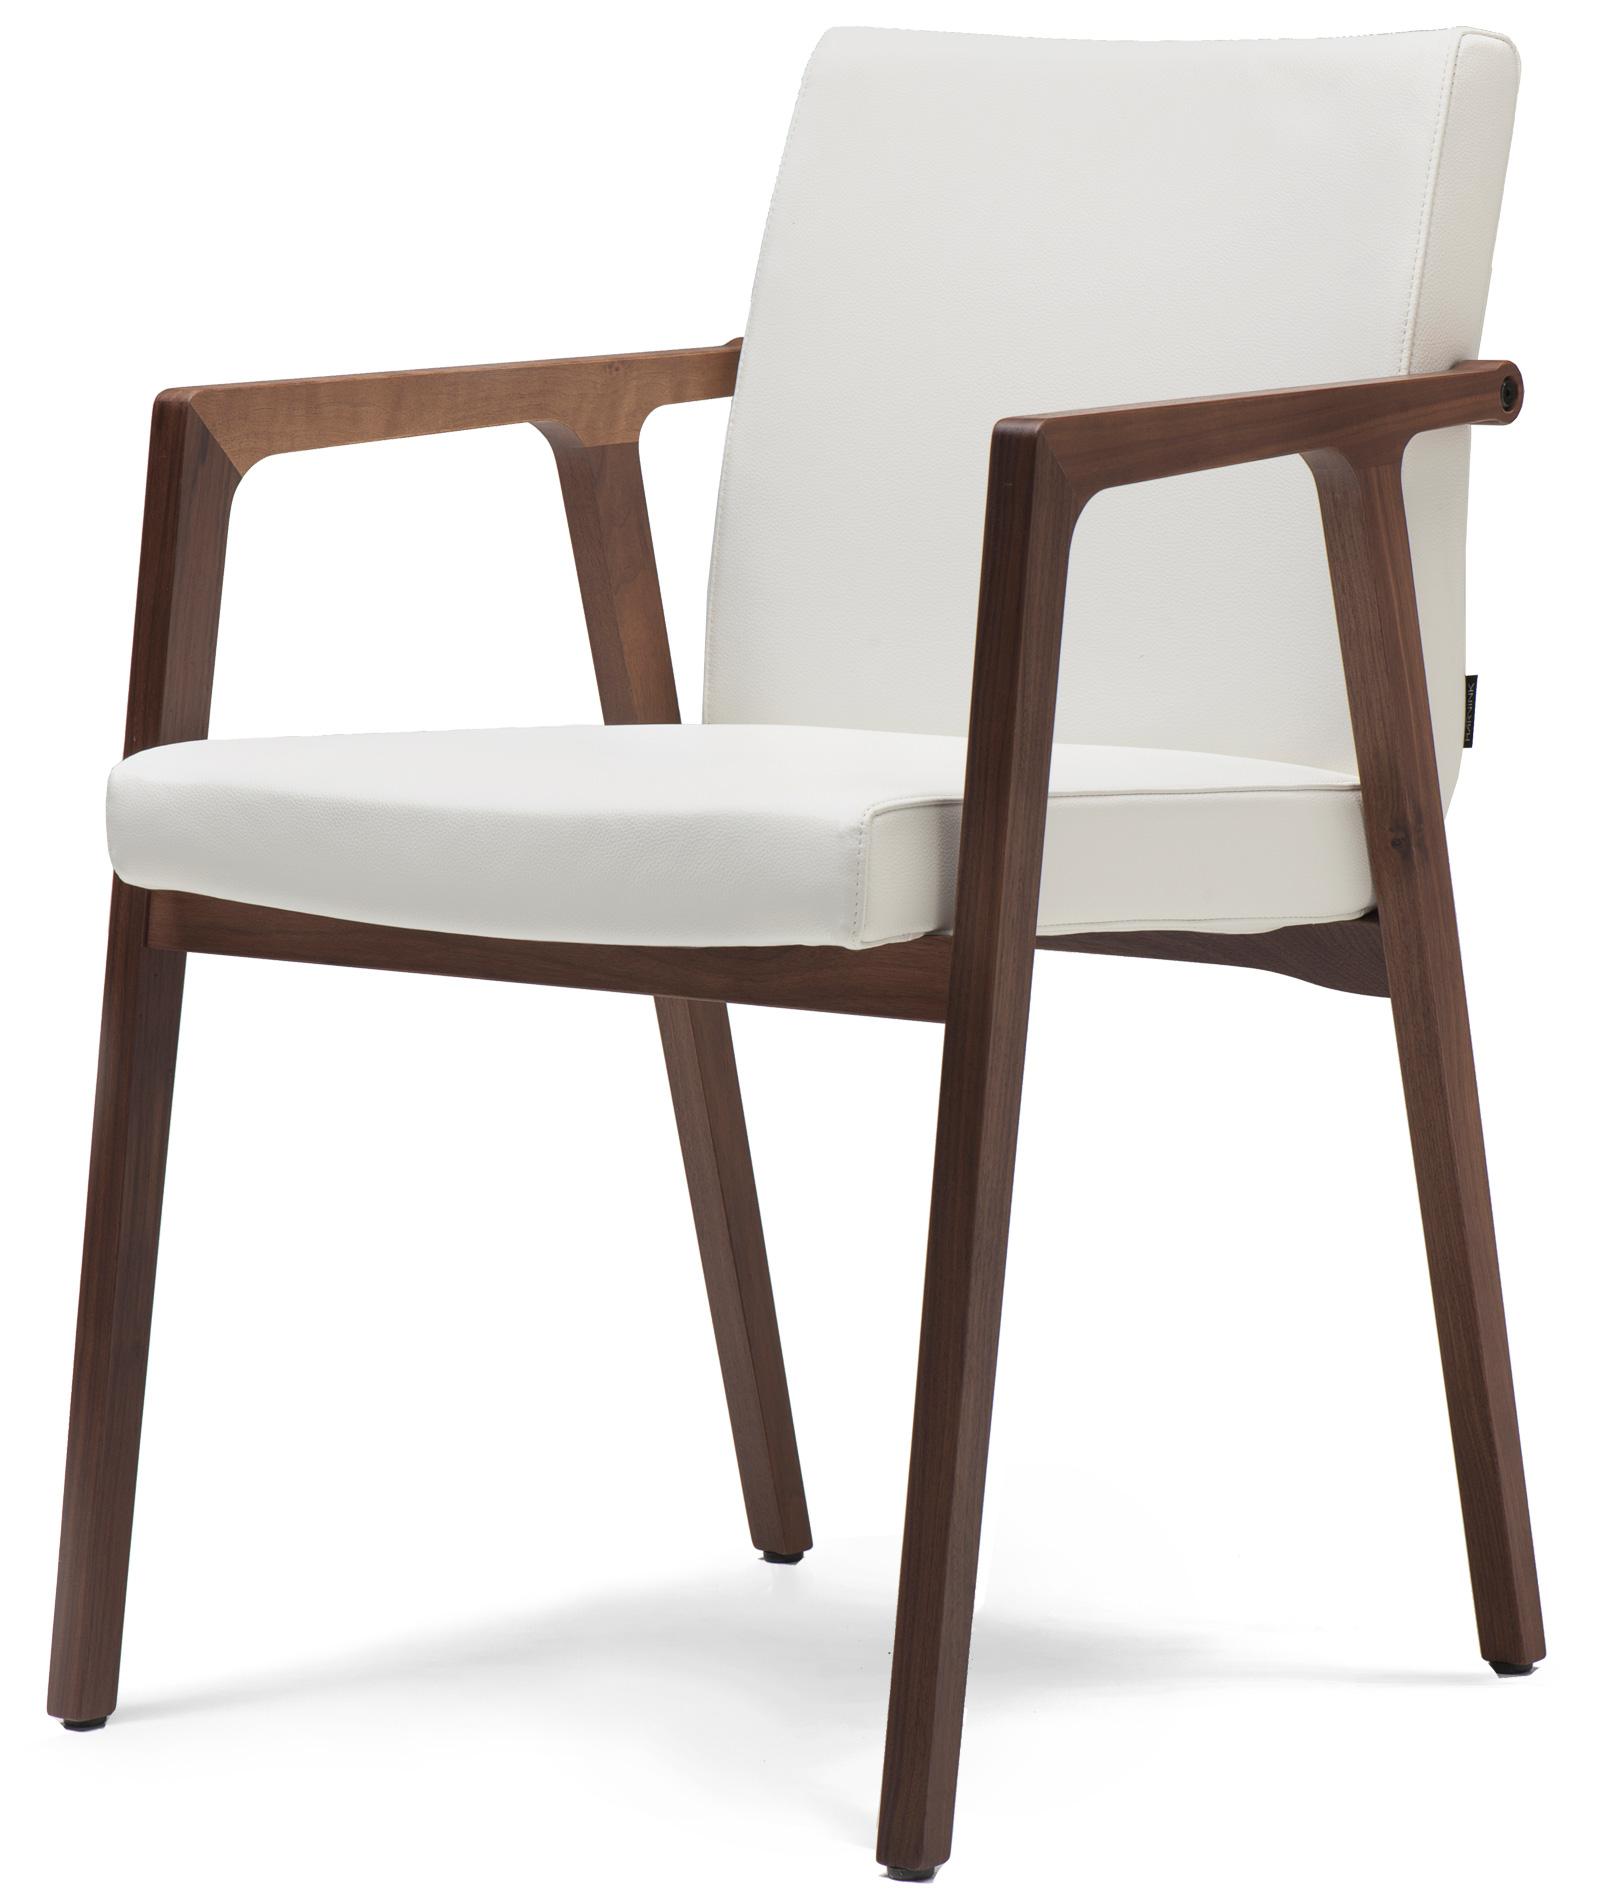 Splinter retro en veelzijdig harvink stoelen en eetbanken for Eetkamer stoel